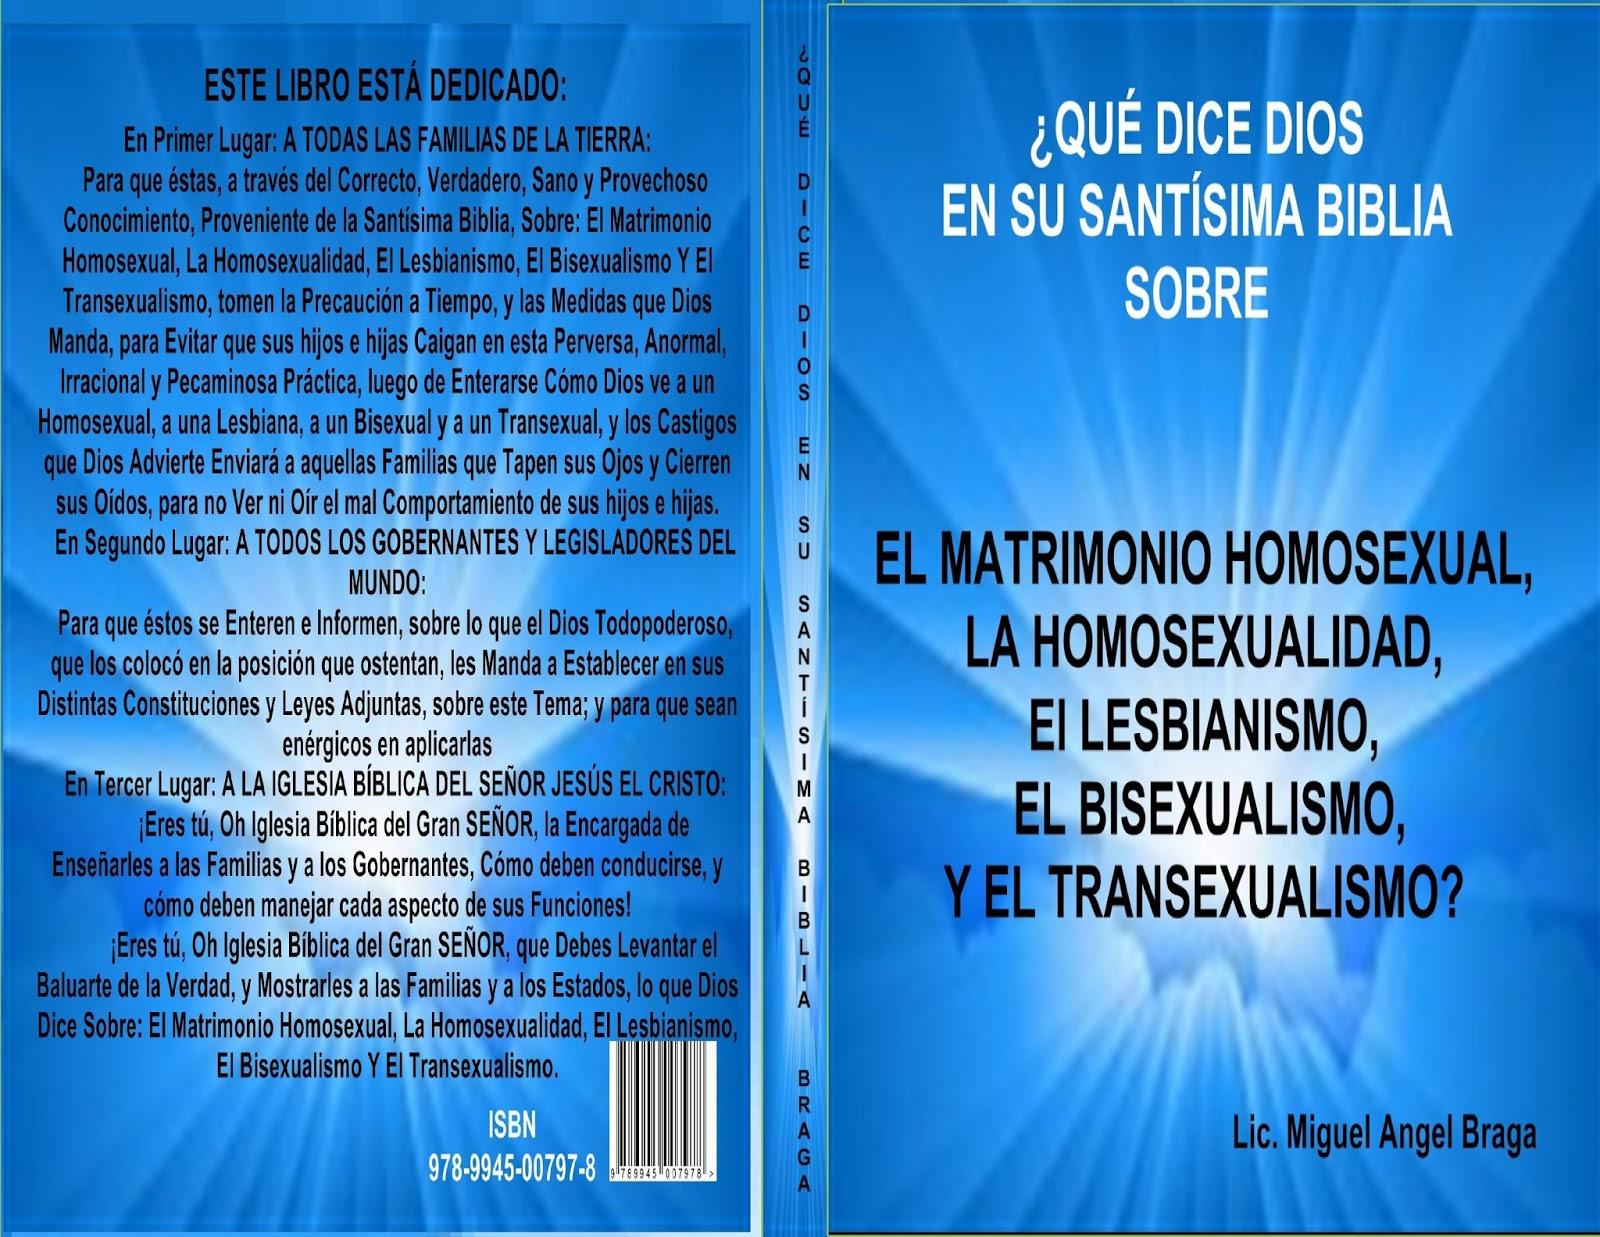 MATRIMONIO HOMOSEXUAL Y ADOPCION - Casa del Libro